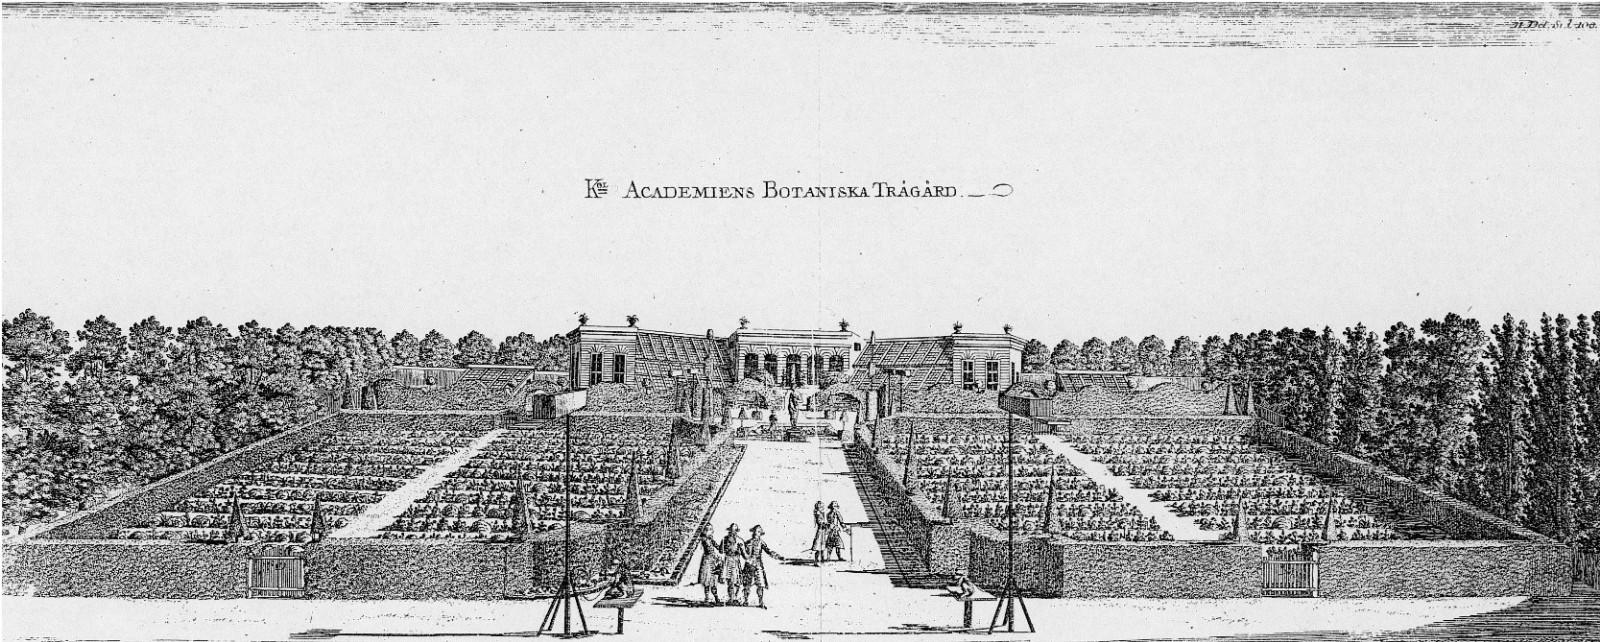 图3.1 1770年林奈重新设计Uppsala植物园布局.jpg